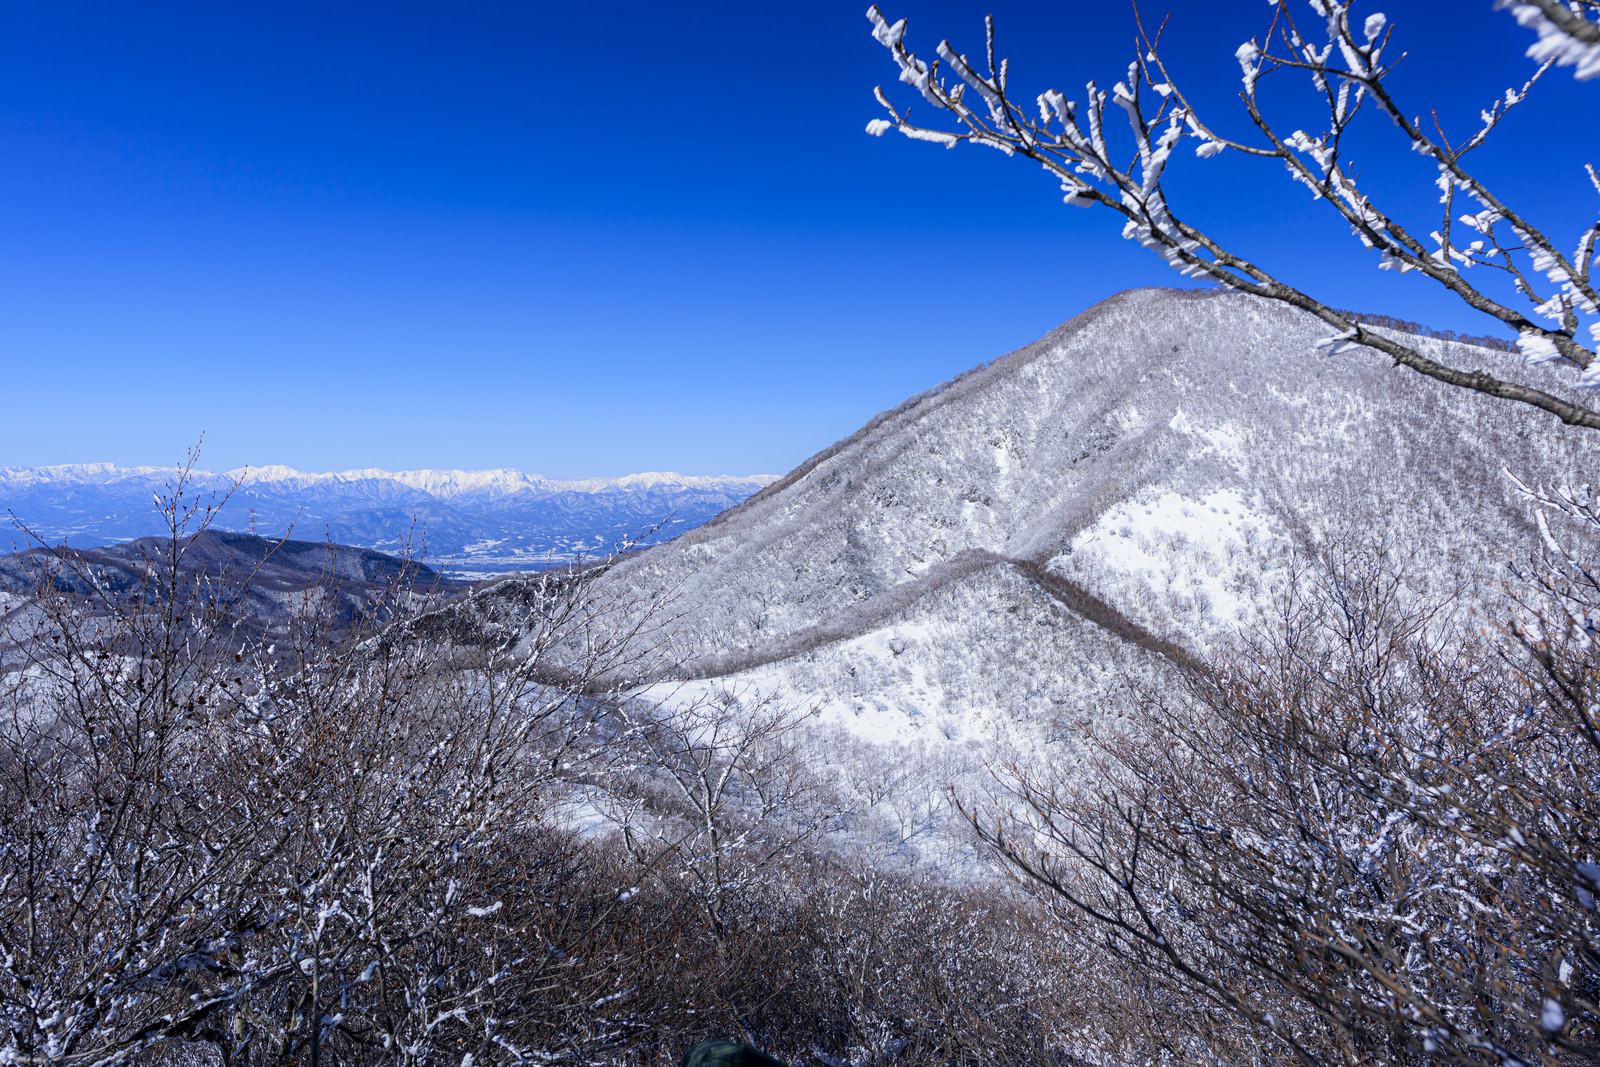 「赤城山とアルプスの山々」の写真